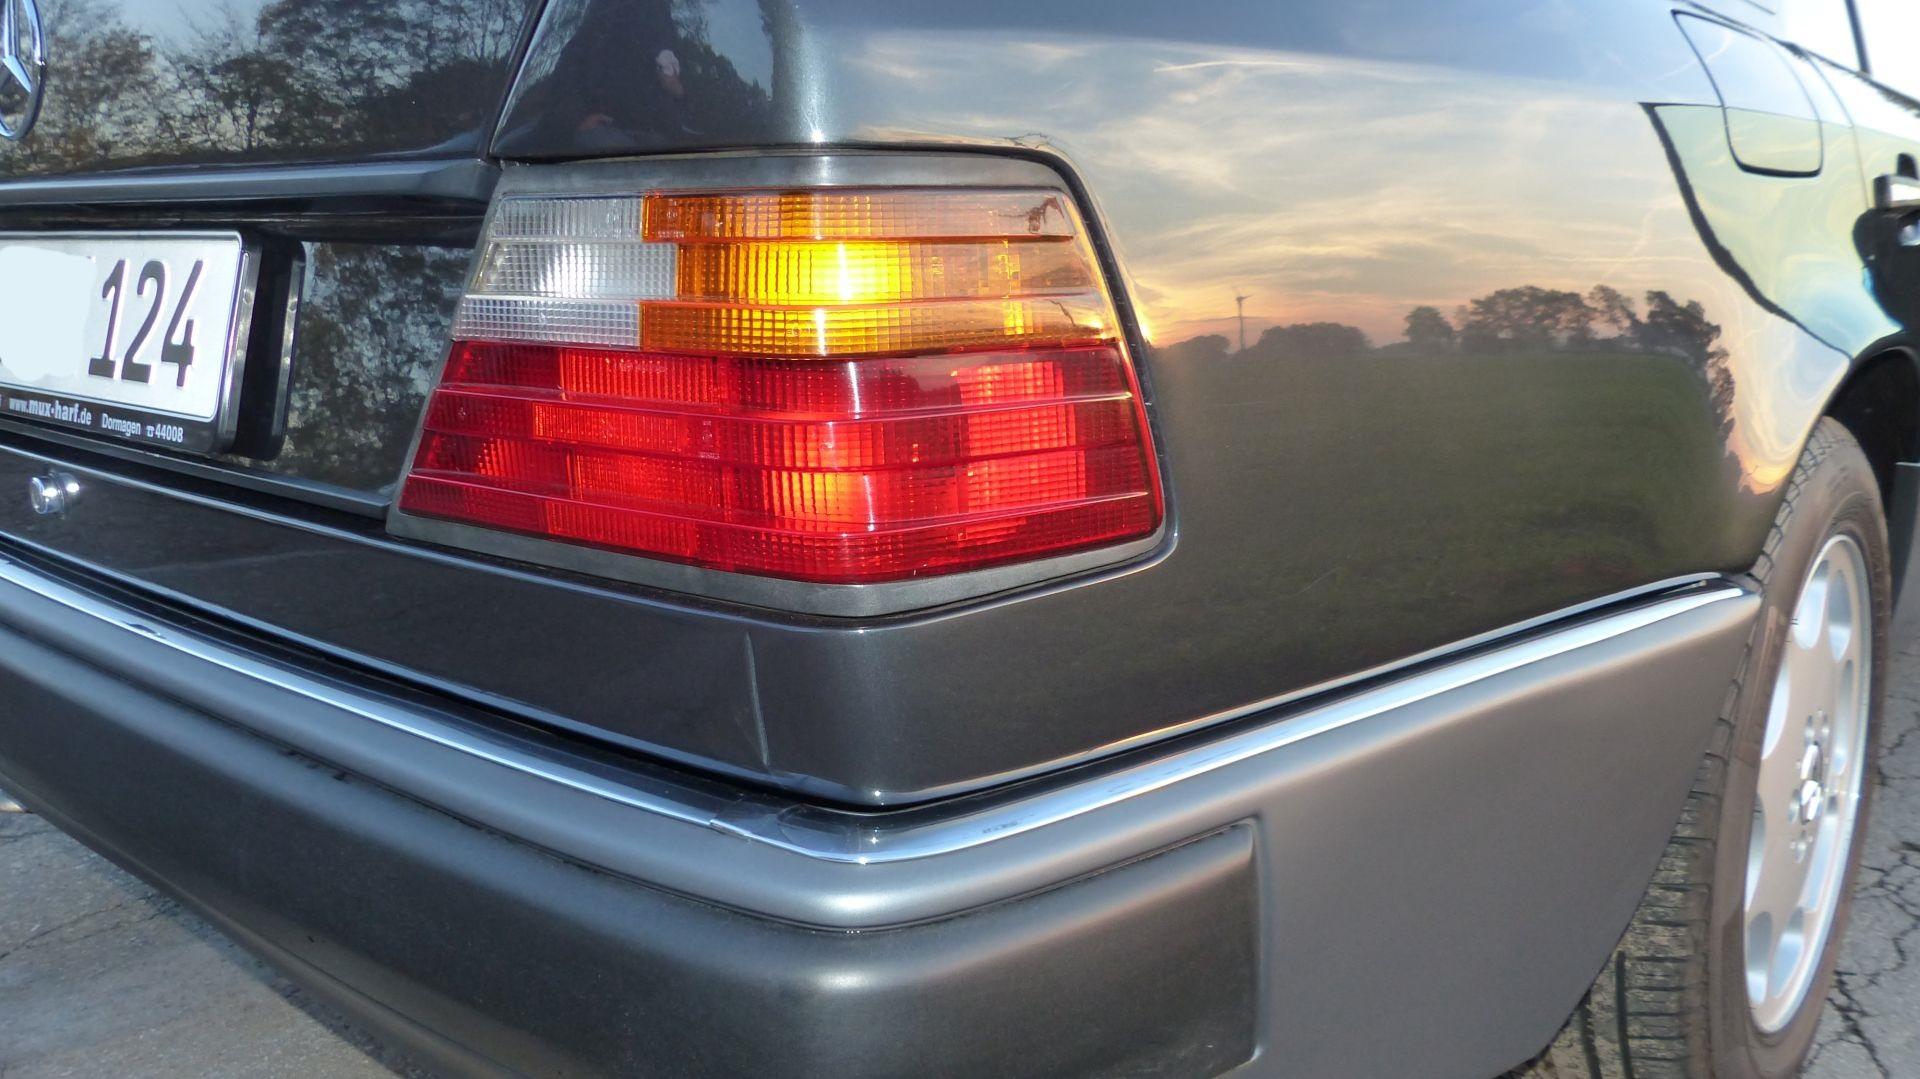 Mercedes W124 500E Heckansicht